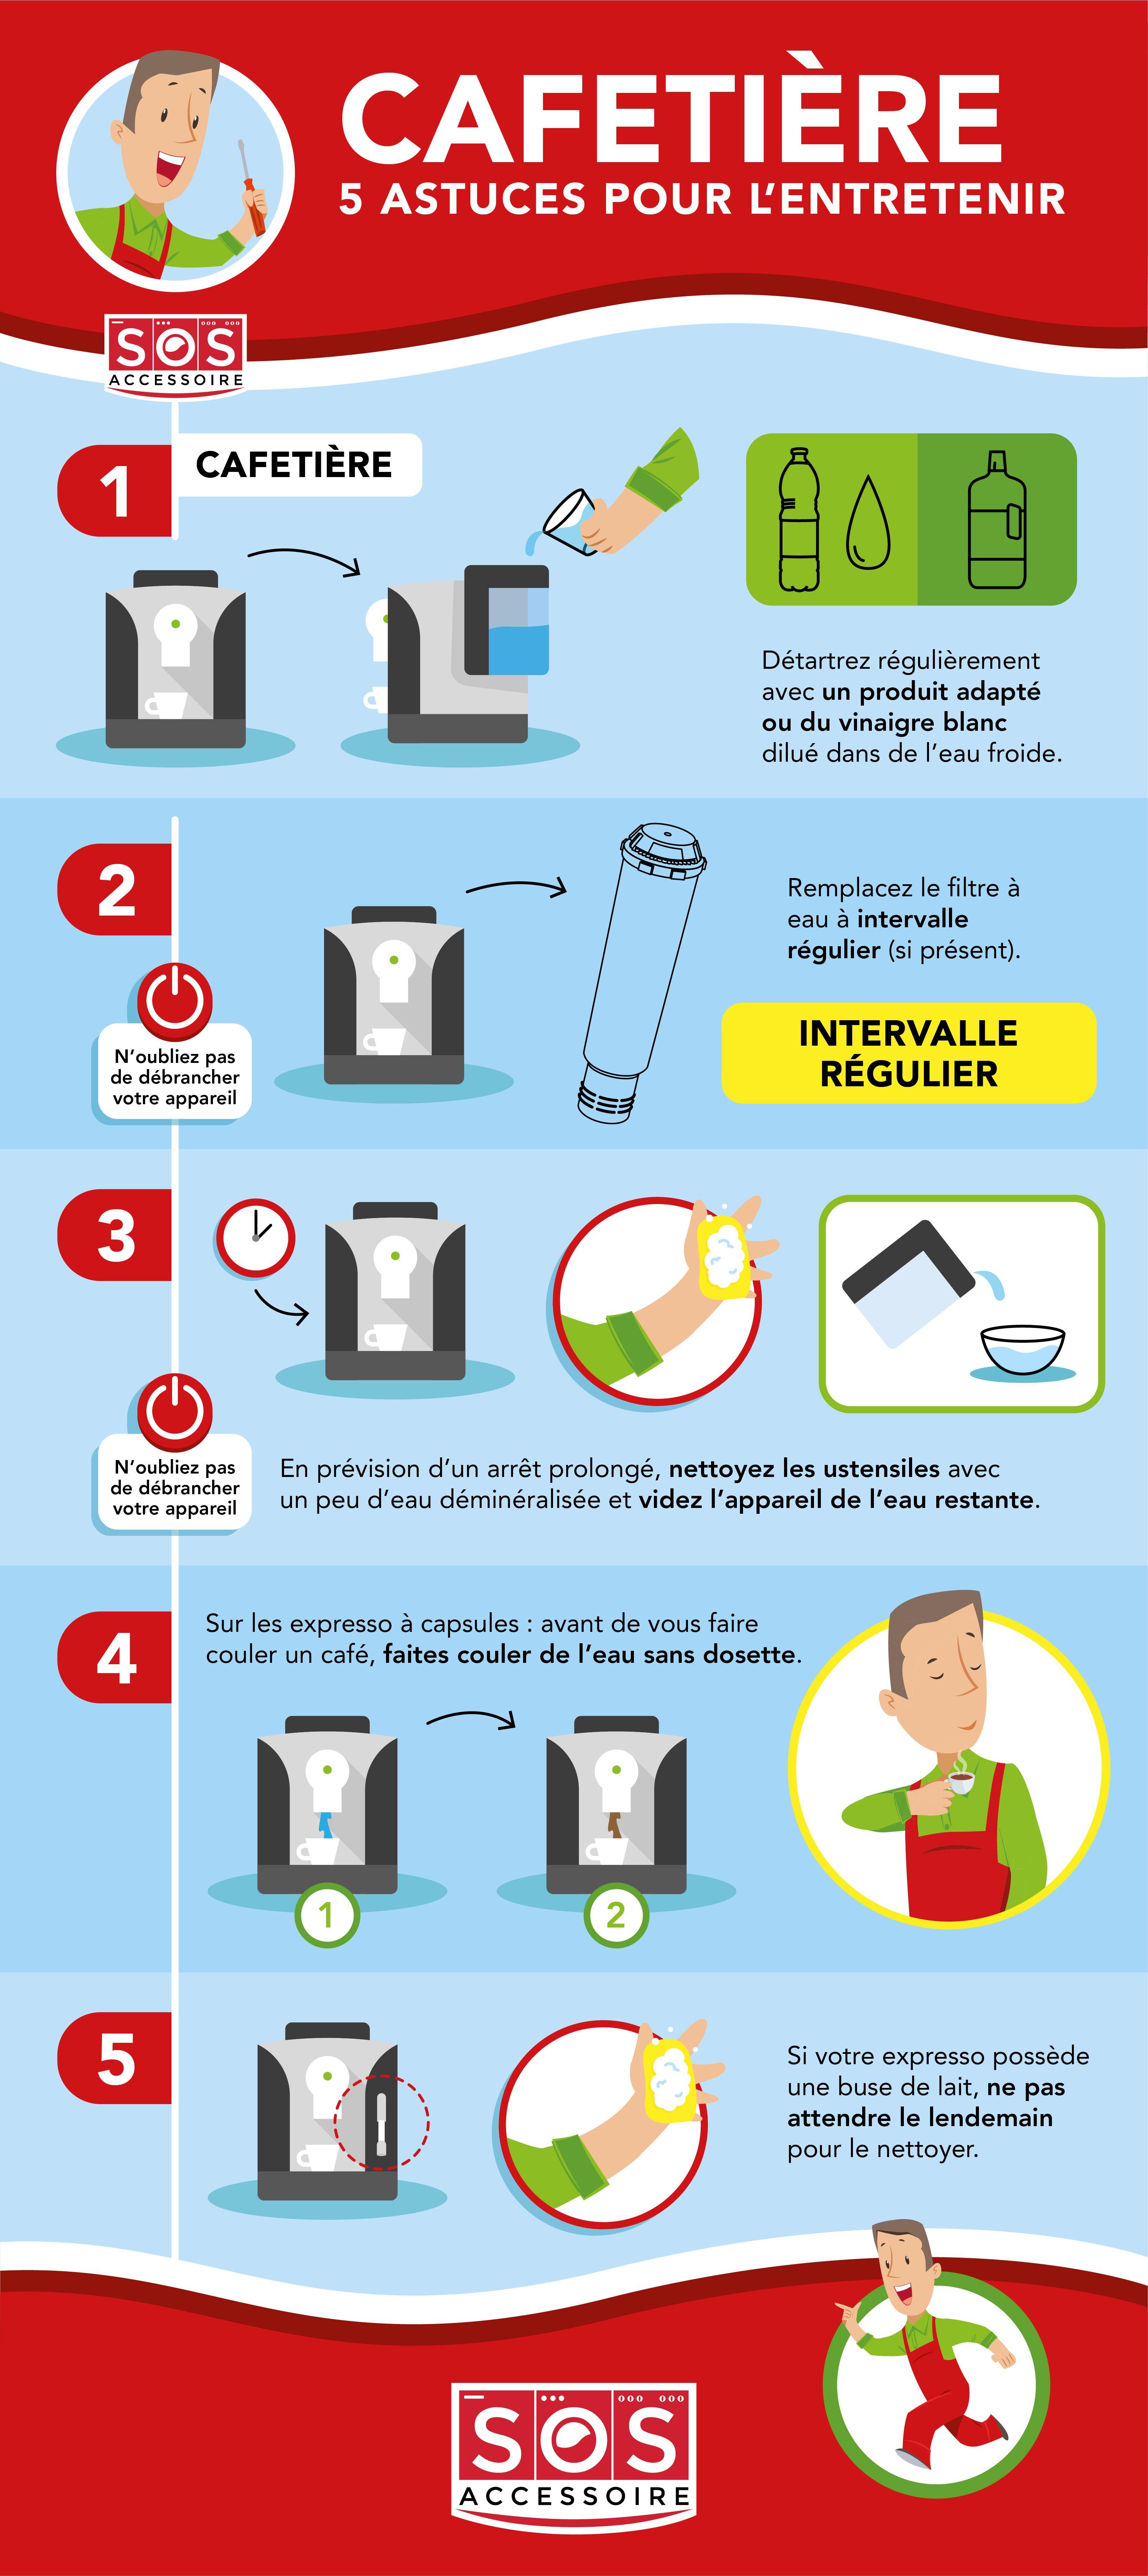 Nettoyer Filtre Spa Vinaigre Blanc comment changer la semelle d'une centrale vapeur ?   bon